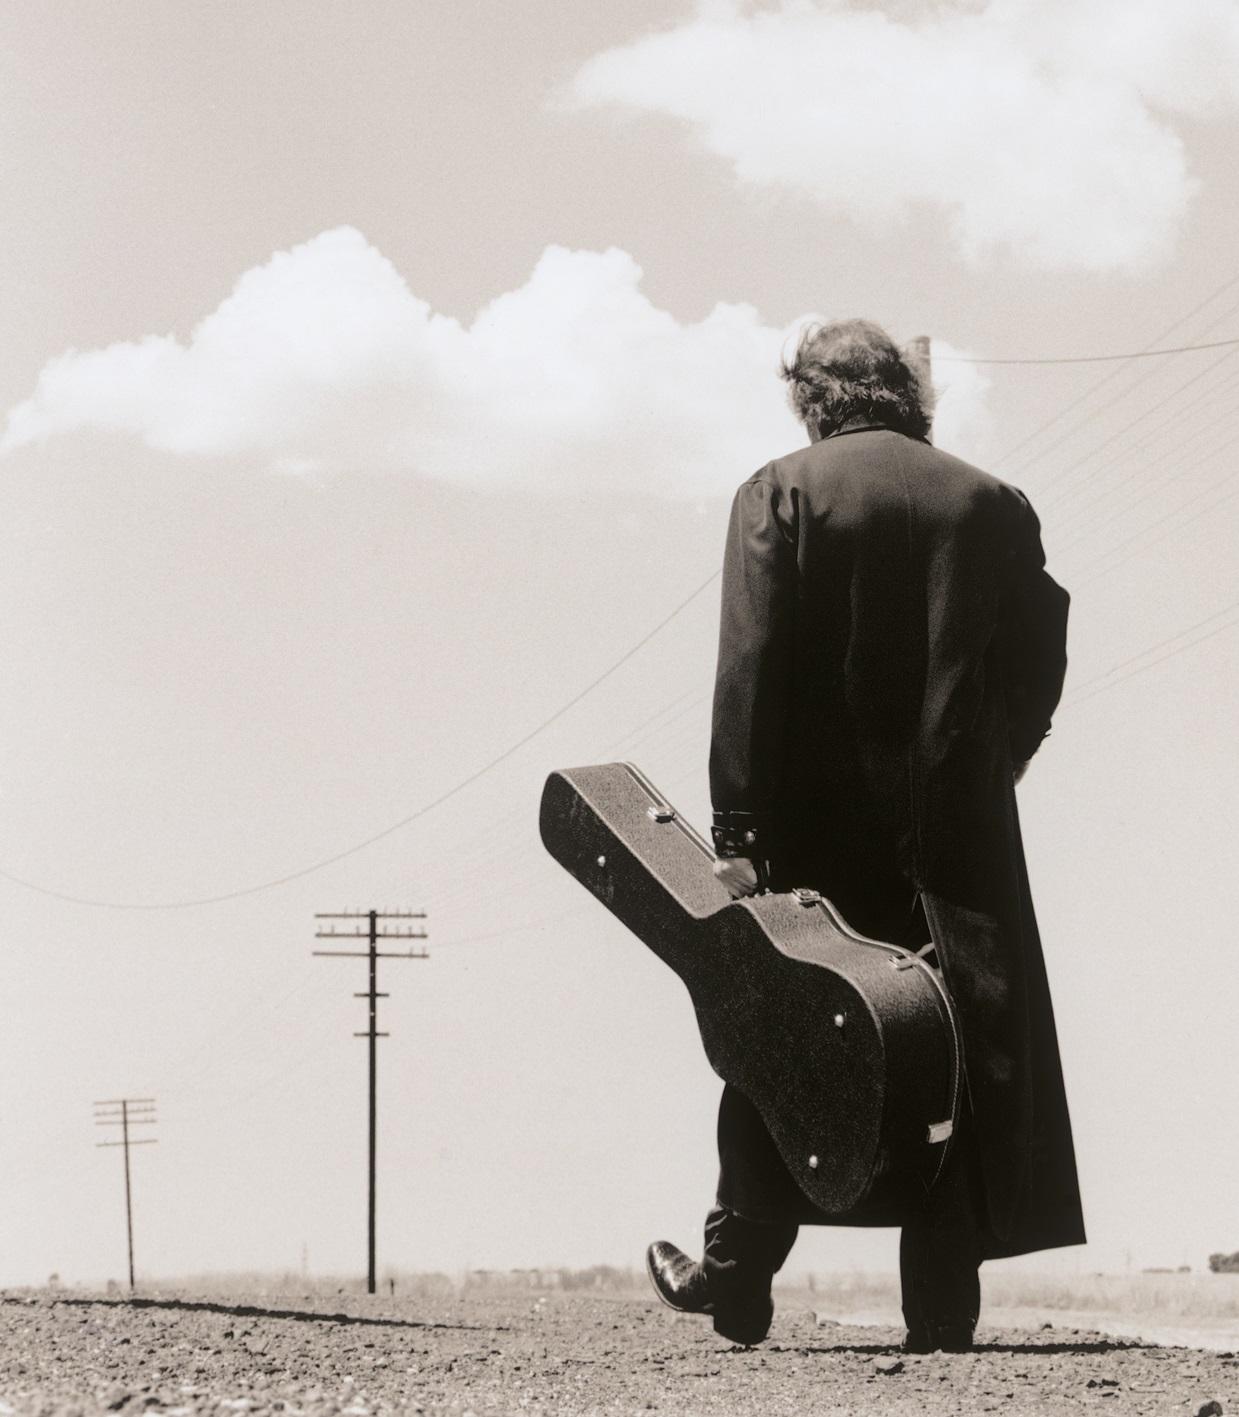 guitar player walking away